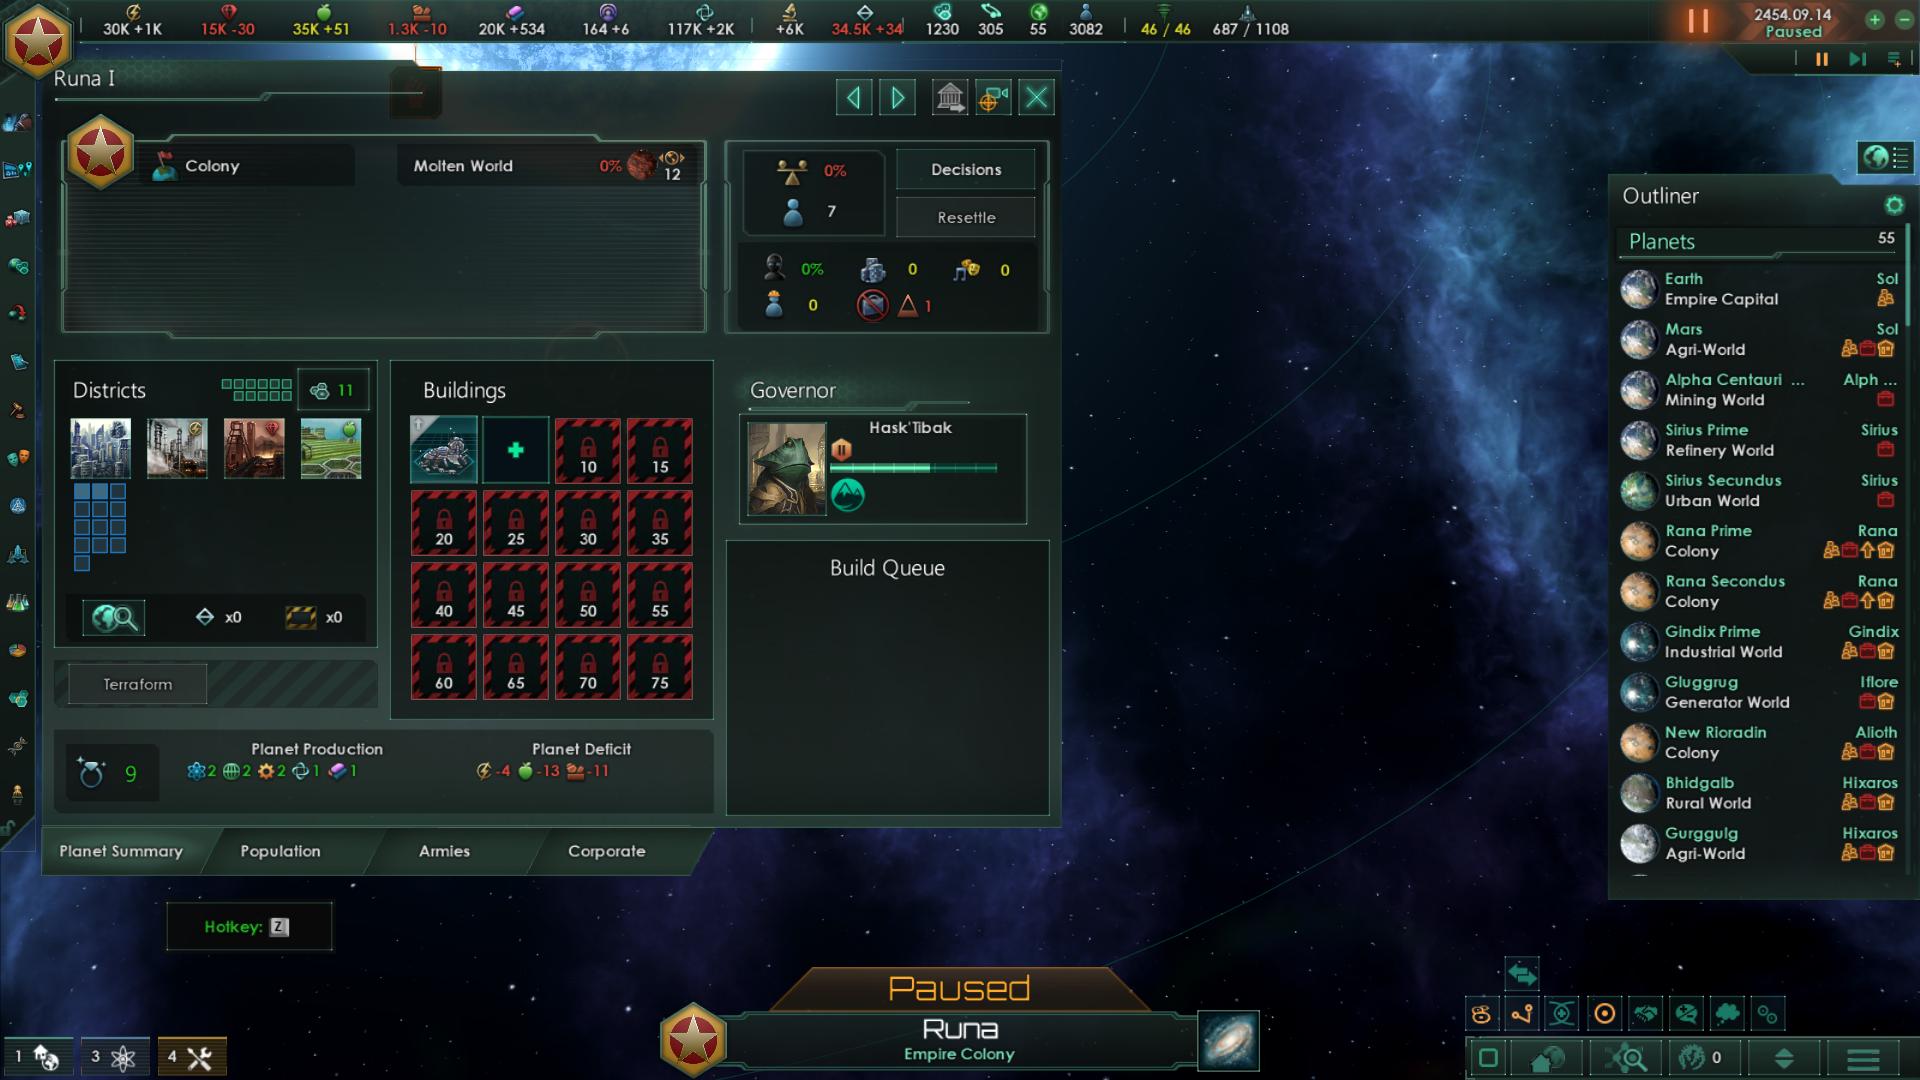 Molten World Colony | Paradox Interactive Forums